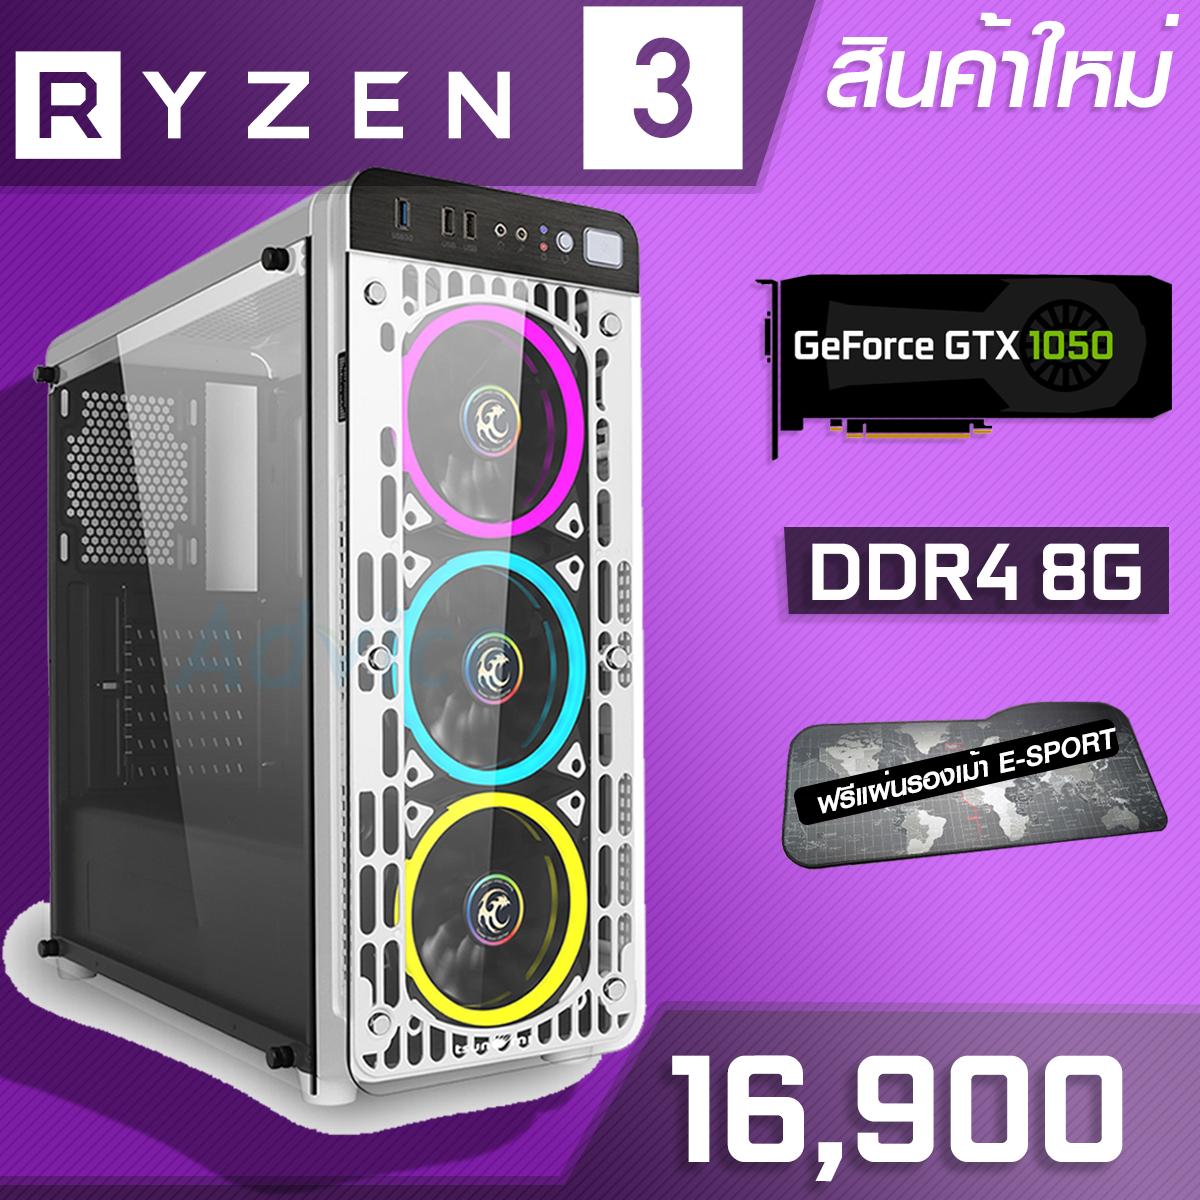 AMD RYZEN 3 1200 | GTX1050 | DDR4 BUS 2400 8G | 1TB 7200RPM